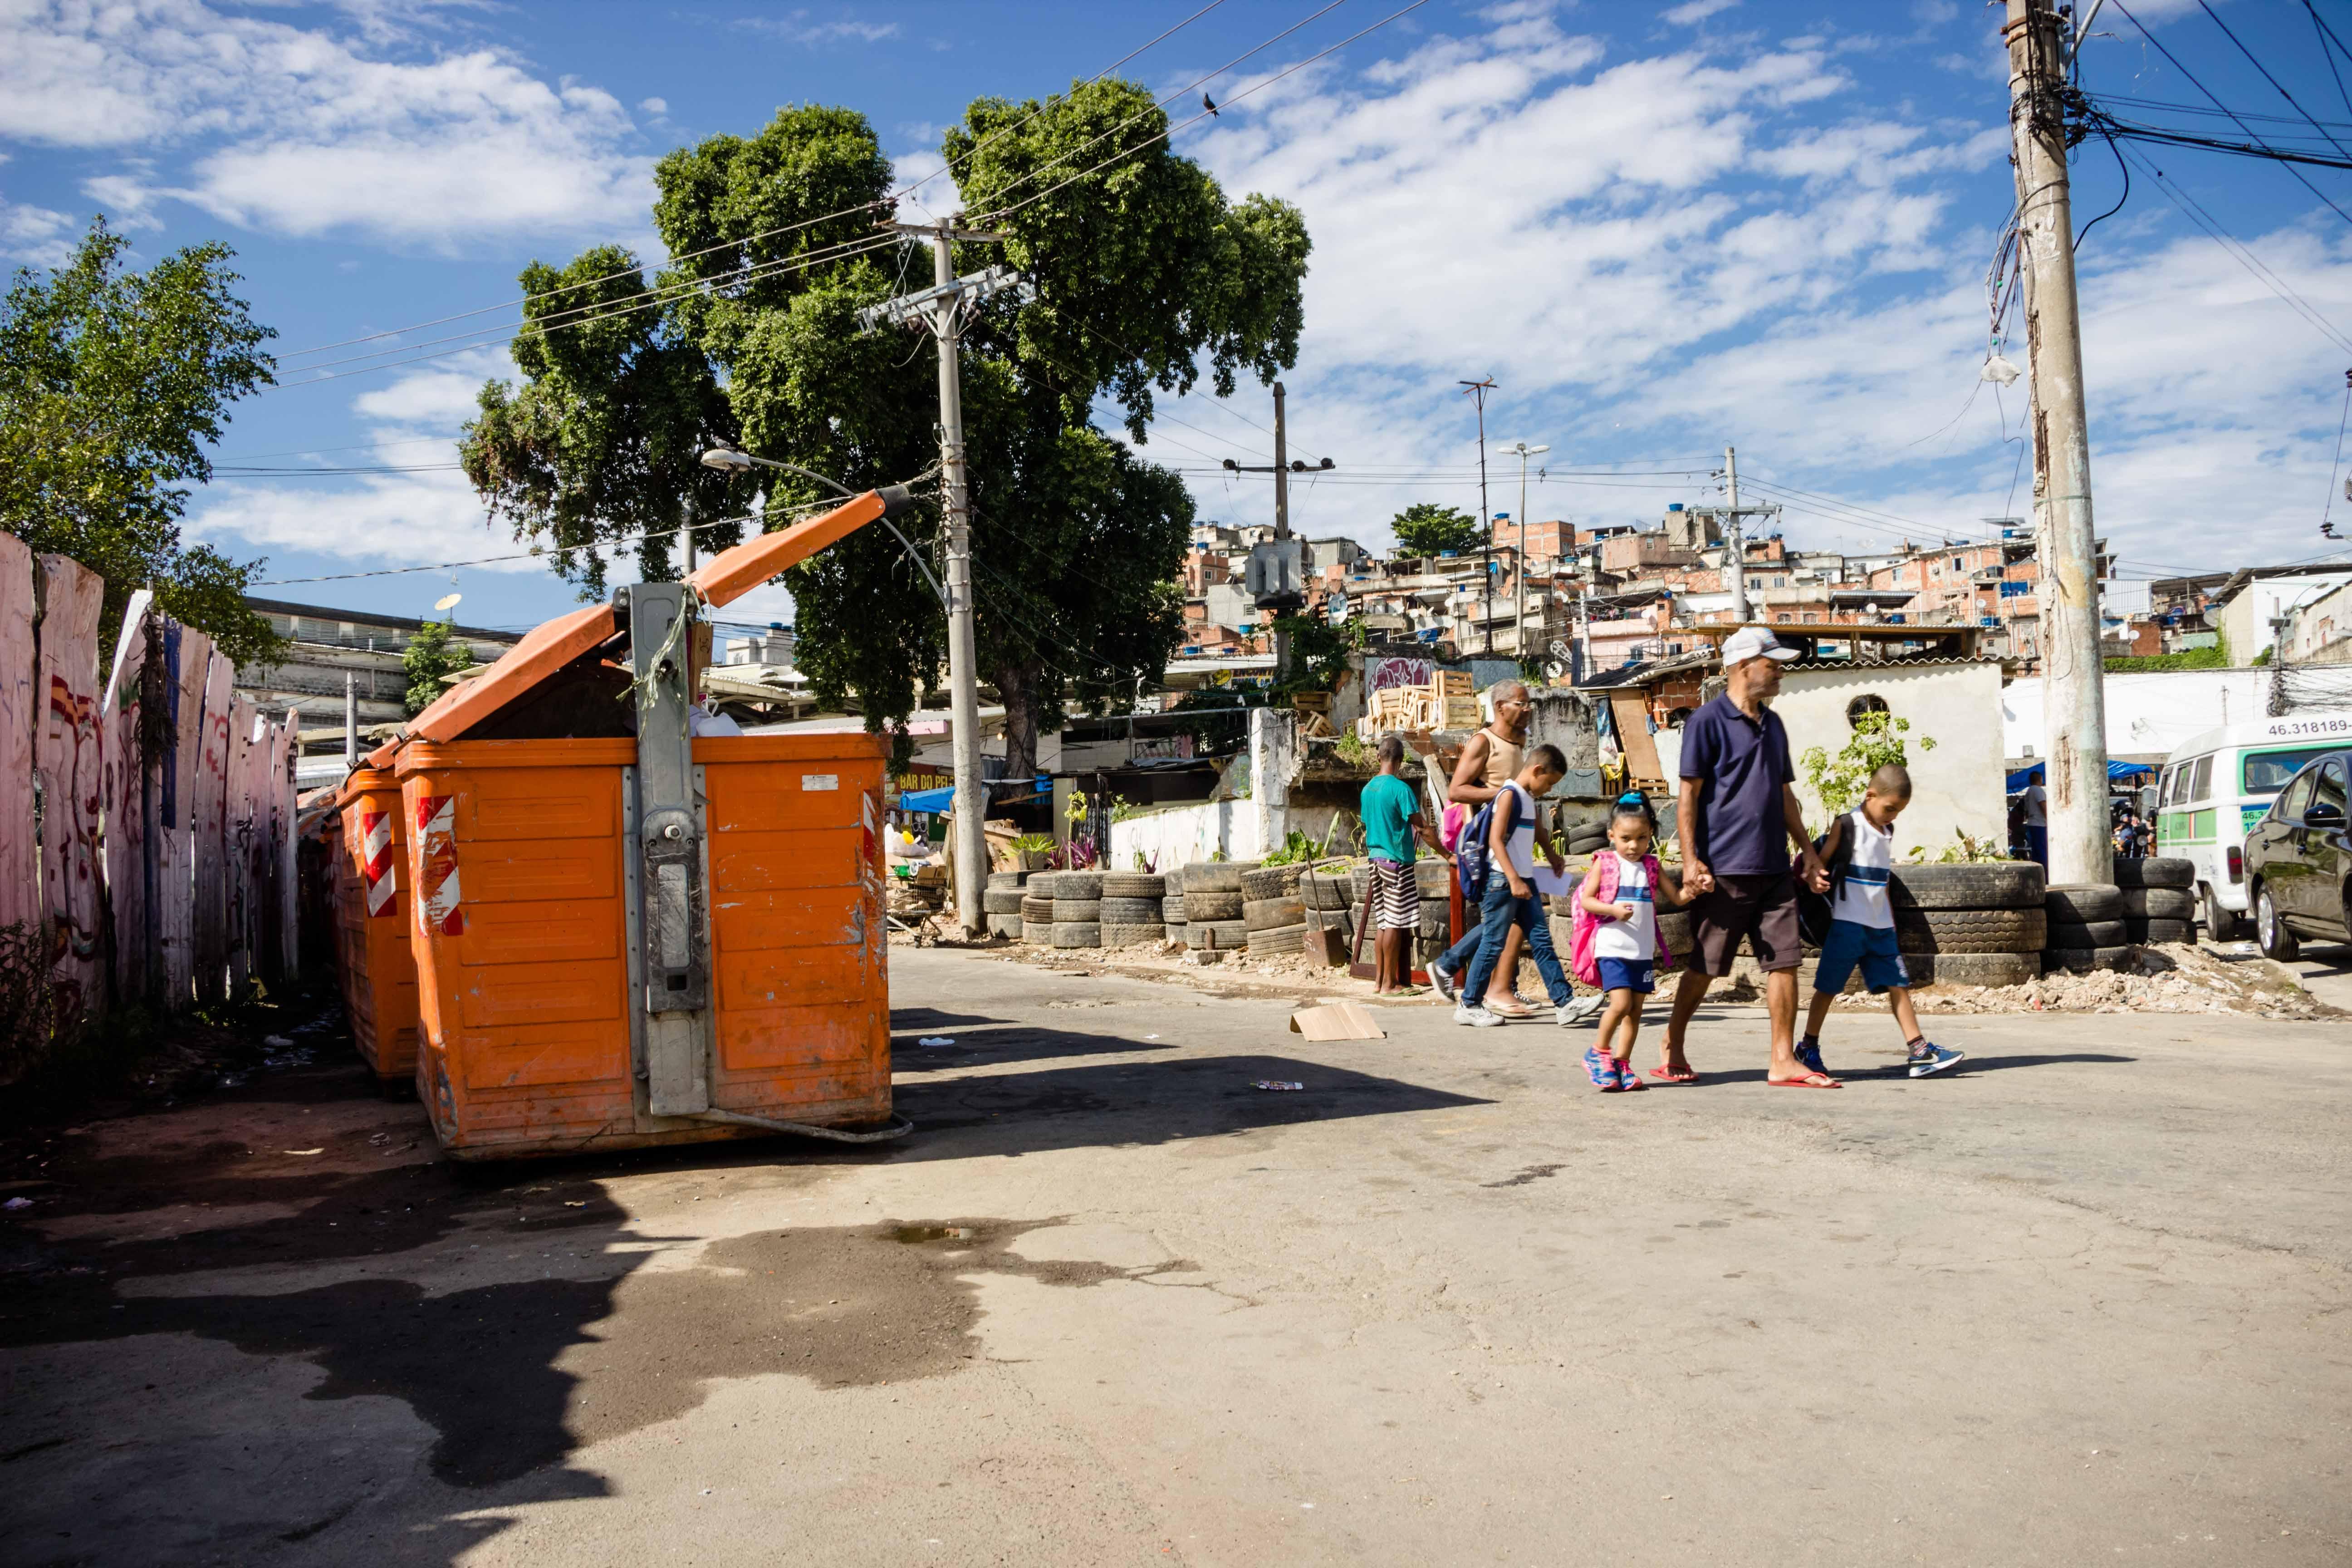 Foto: Renato Moura/Voz Das Comunidades